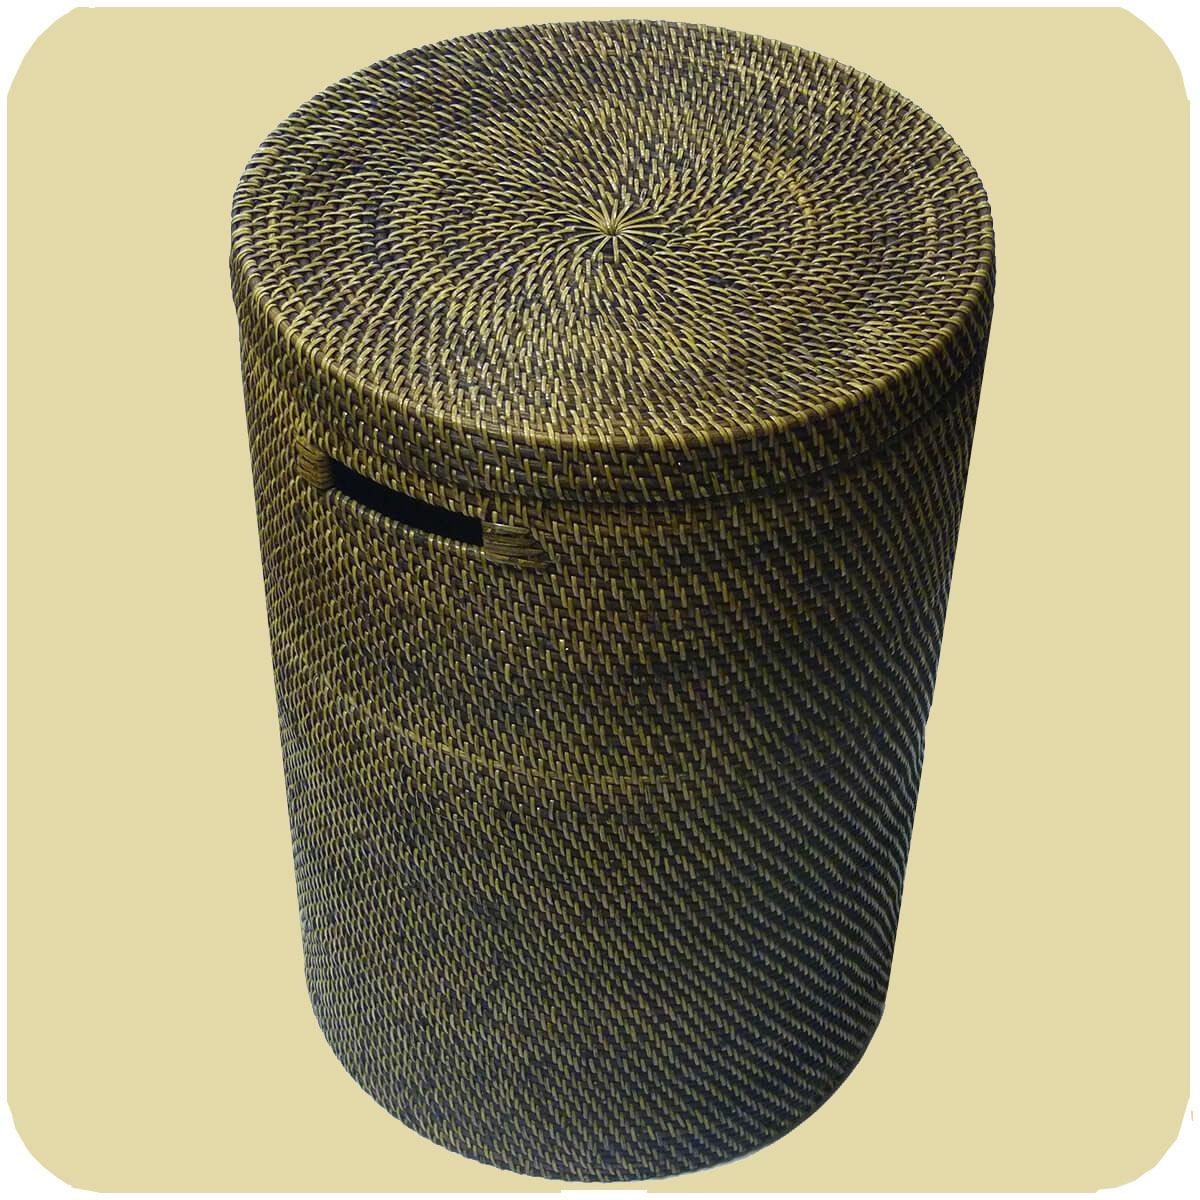 Wäschekörbe Wäschekorb Wäschebox Mit Deckel 100 Ata Rattan